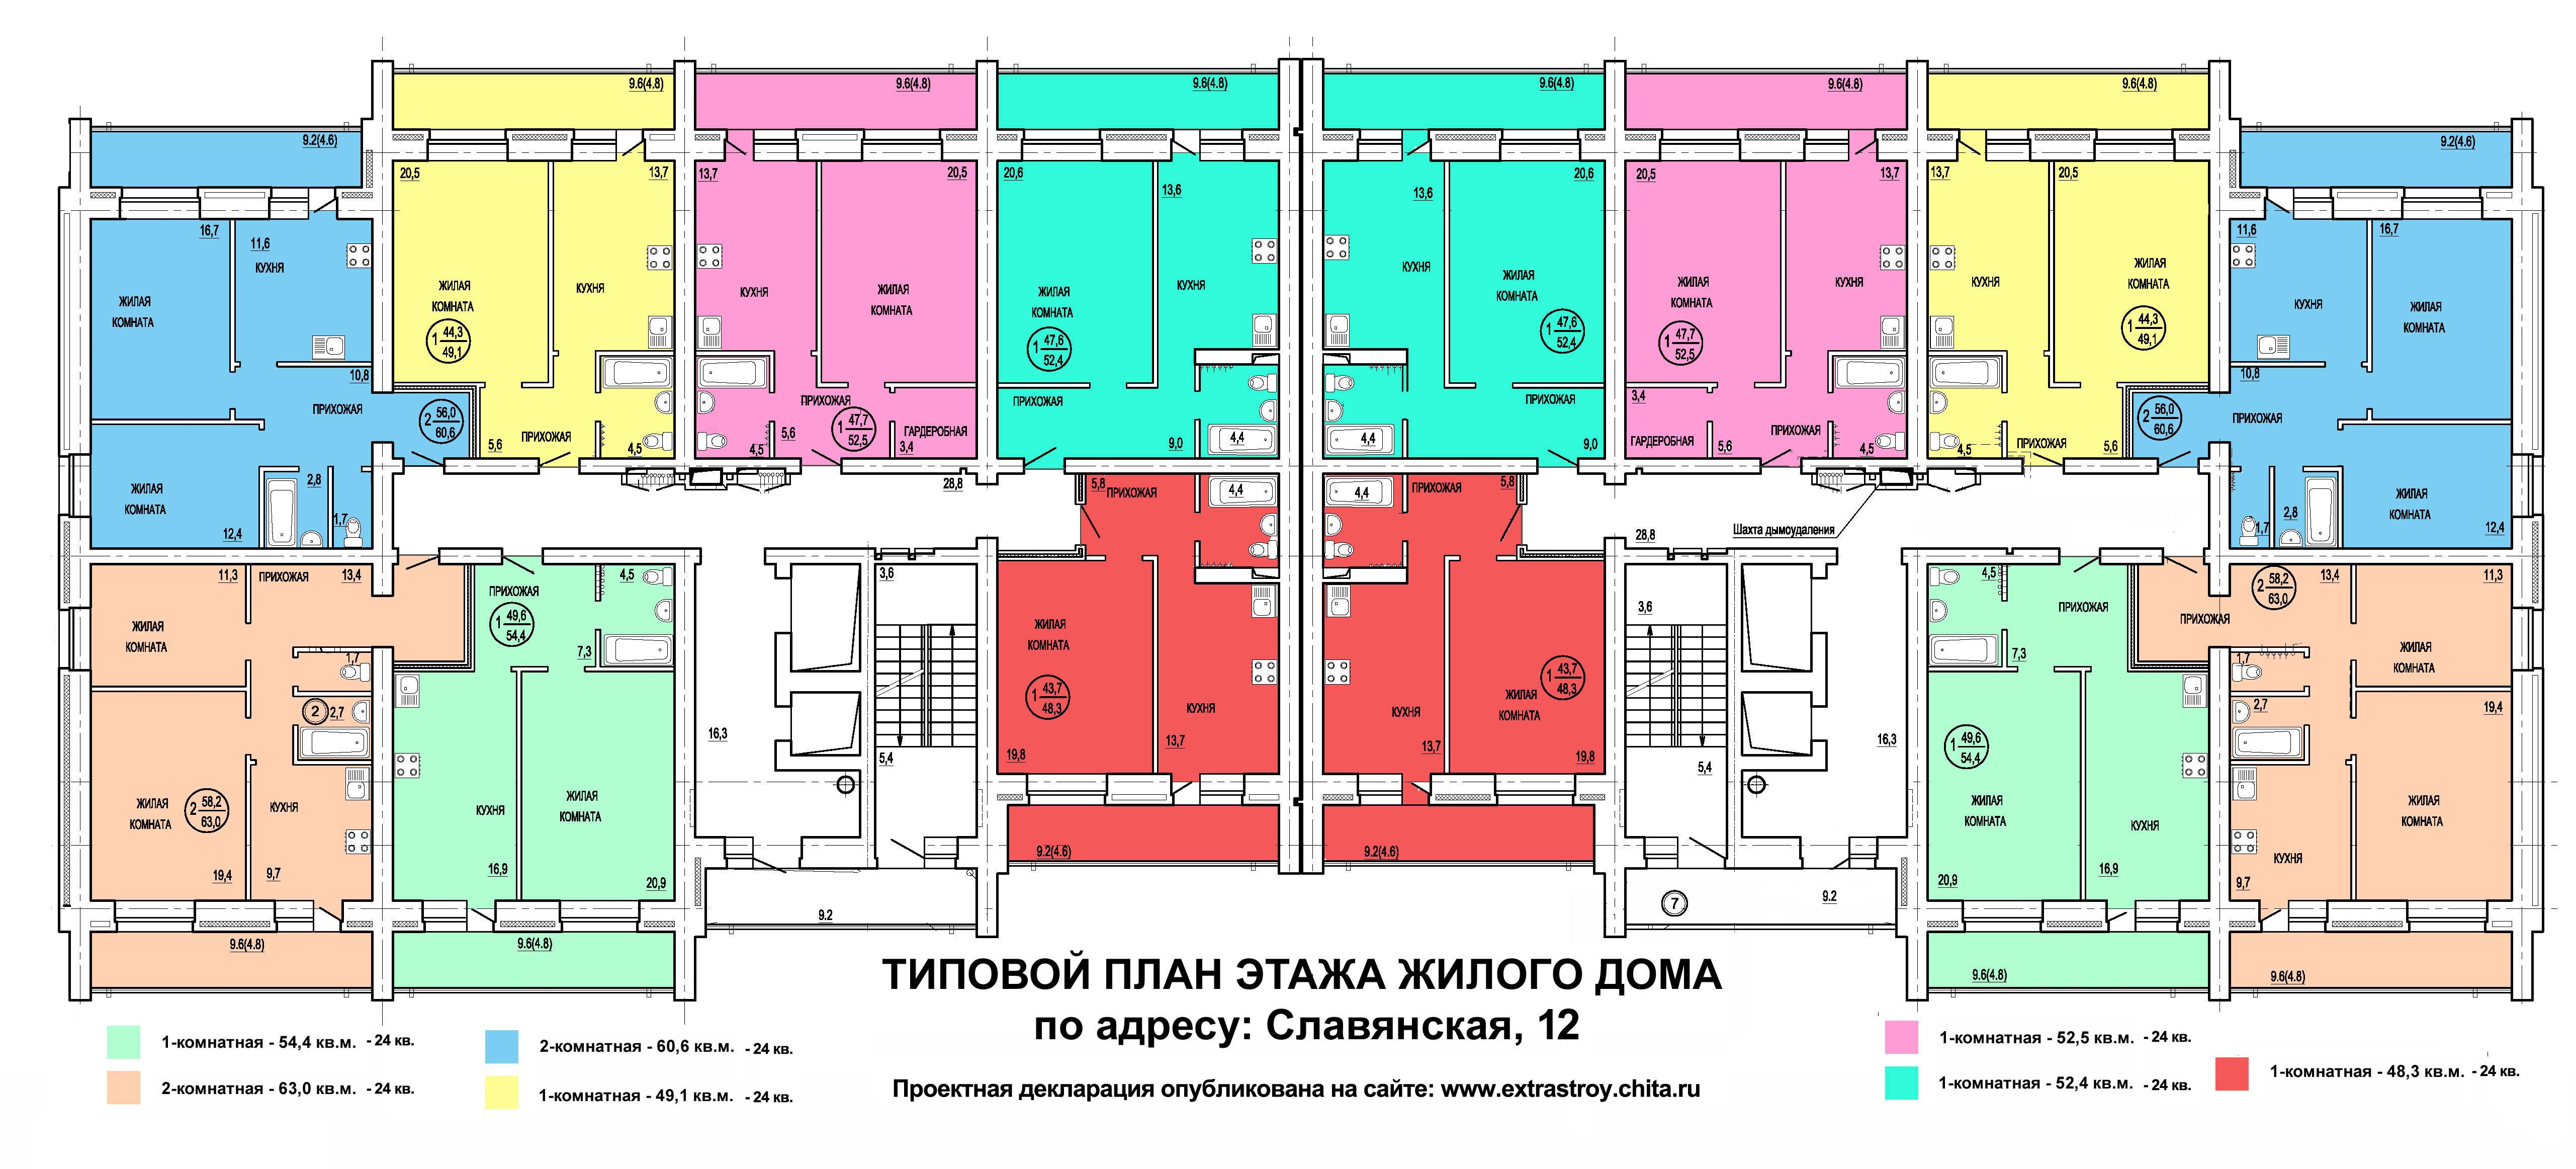 Продам 1-комн. кв. округ ингодинский. цена 1850000 руб. адре.